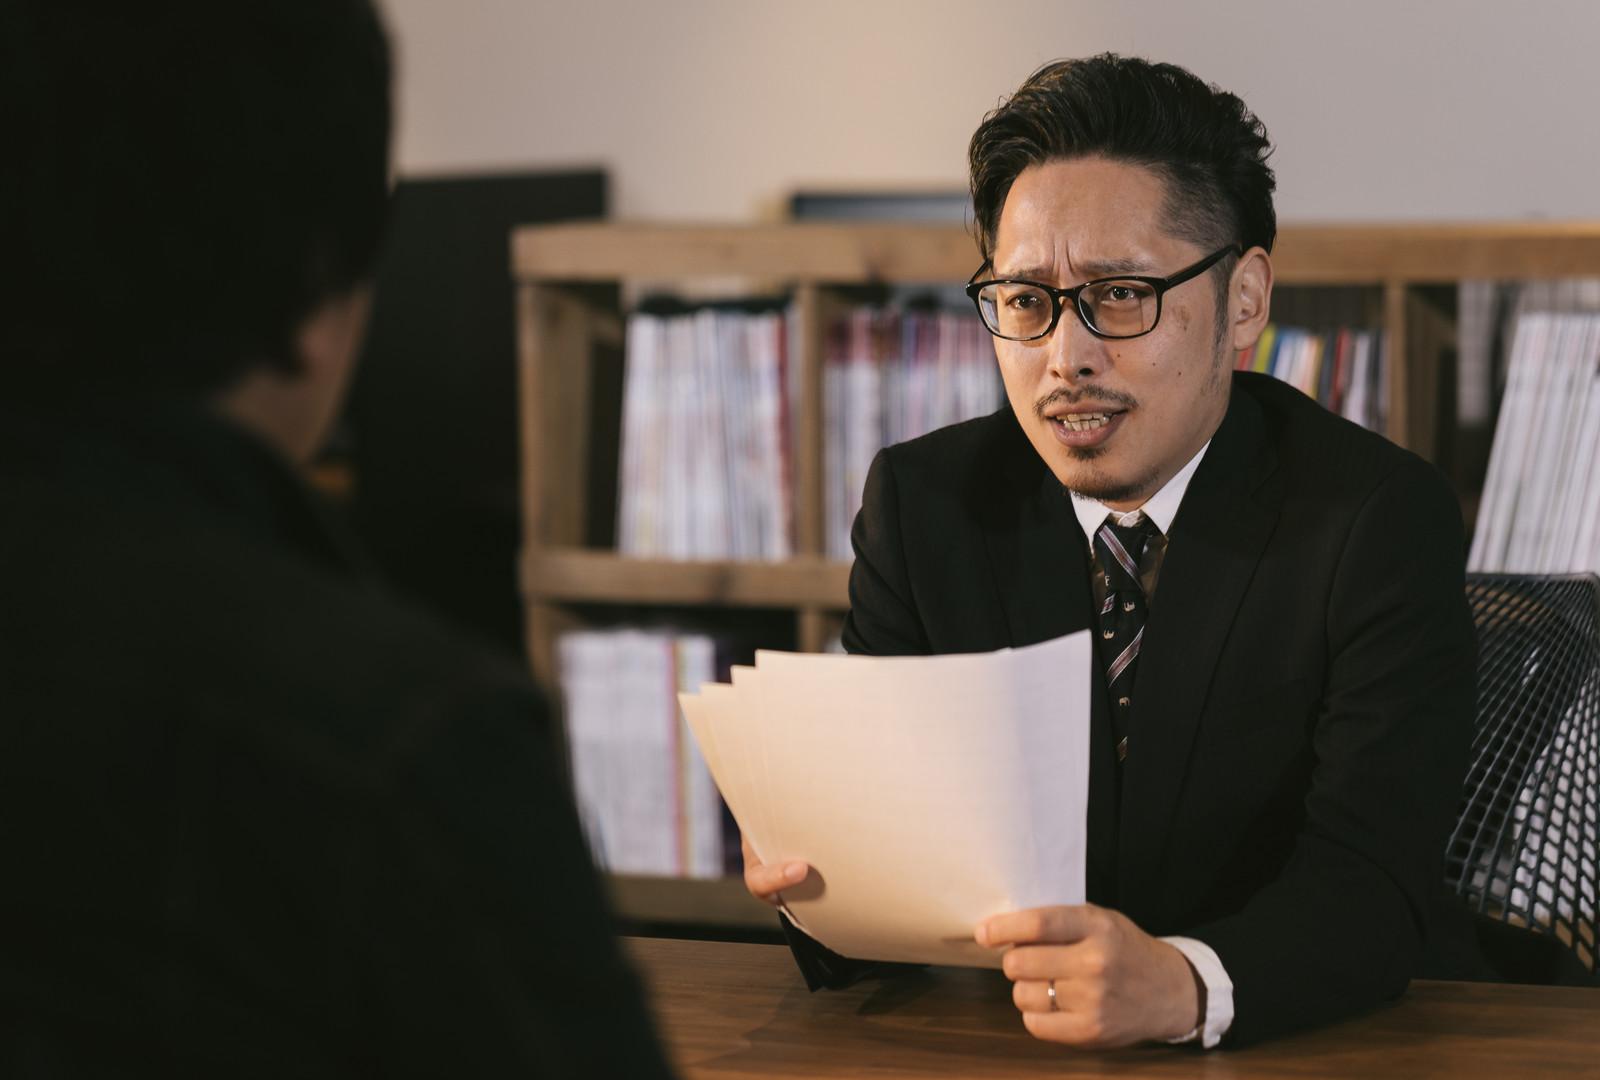 転職者採用や中途採用の面接でよく聞かれる質問とは?